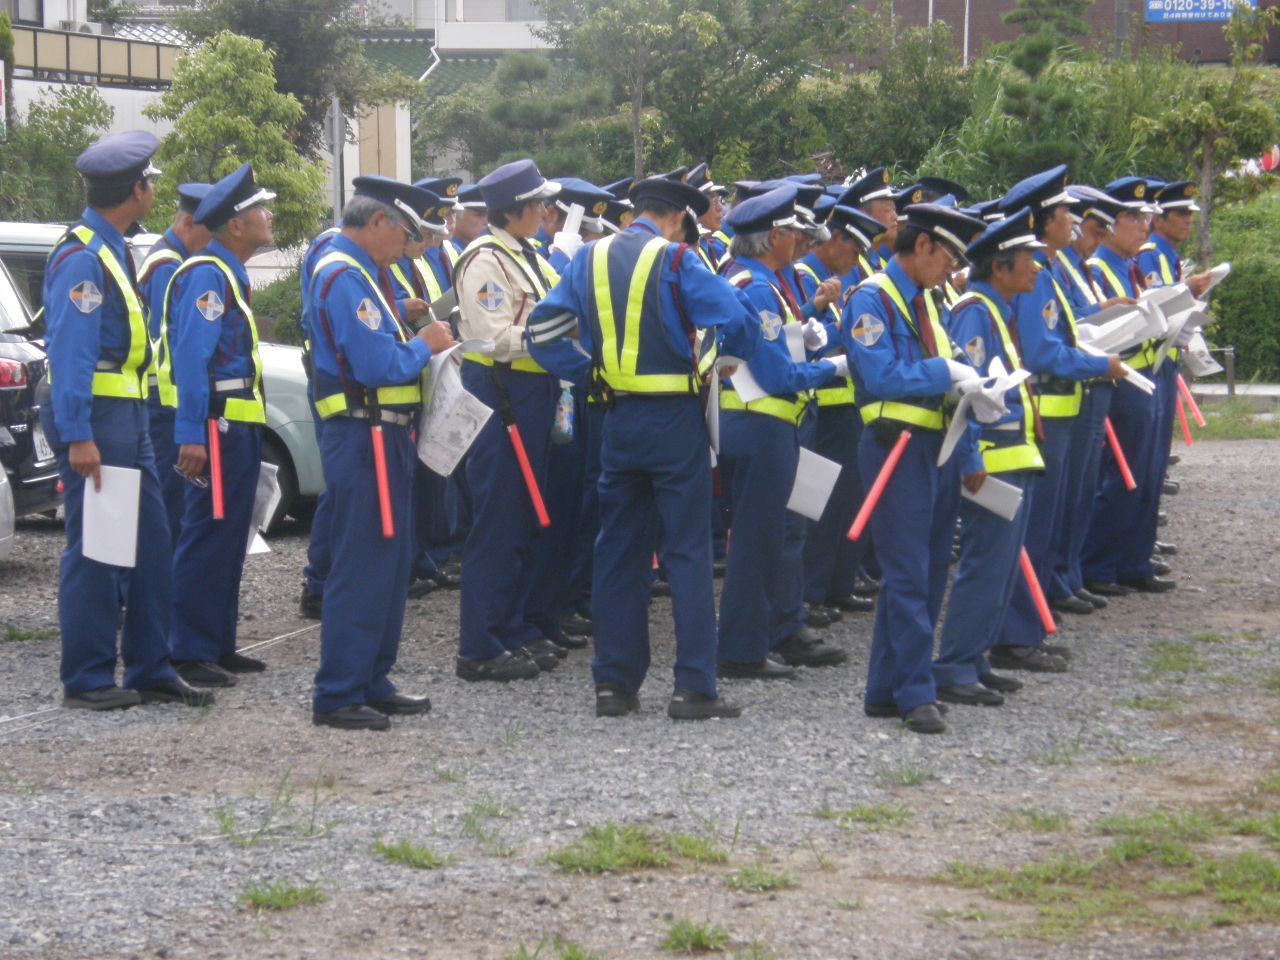 Security Guard 3